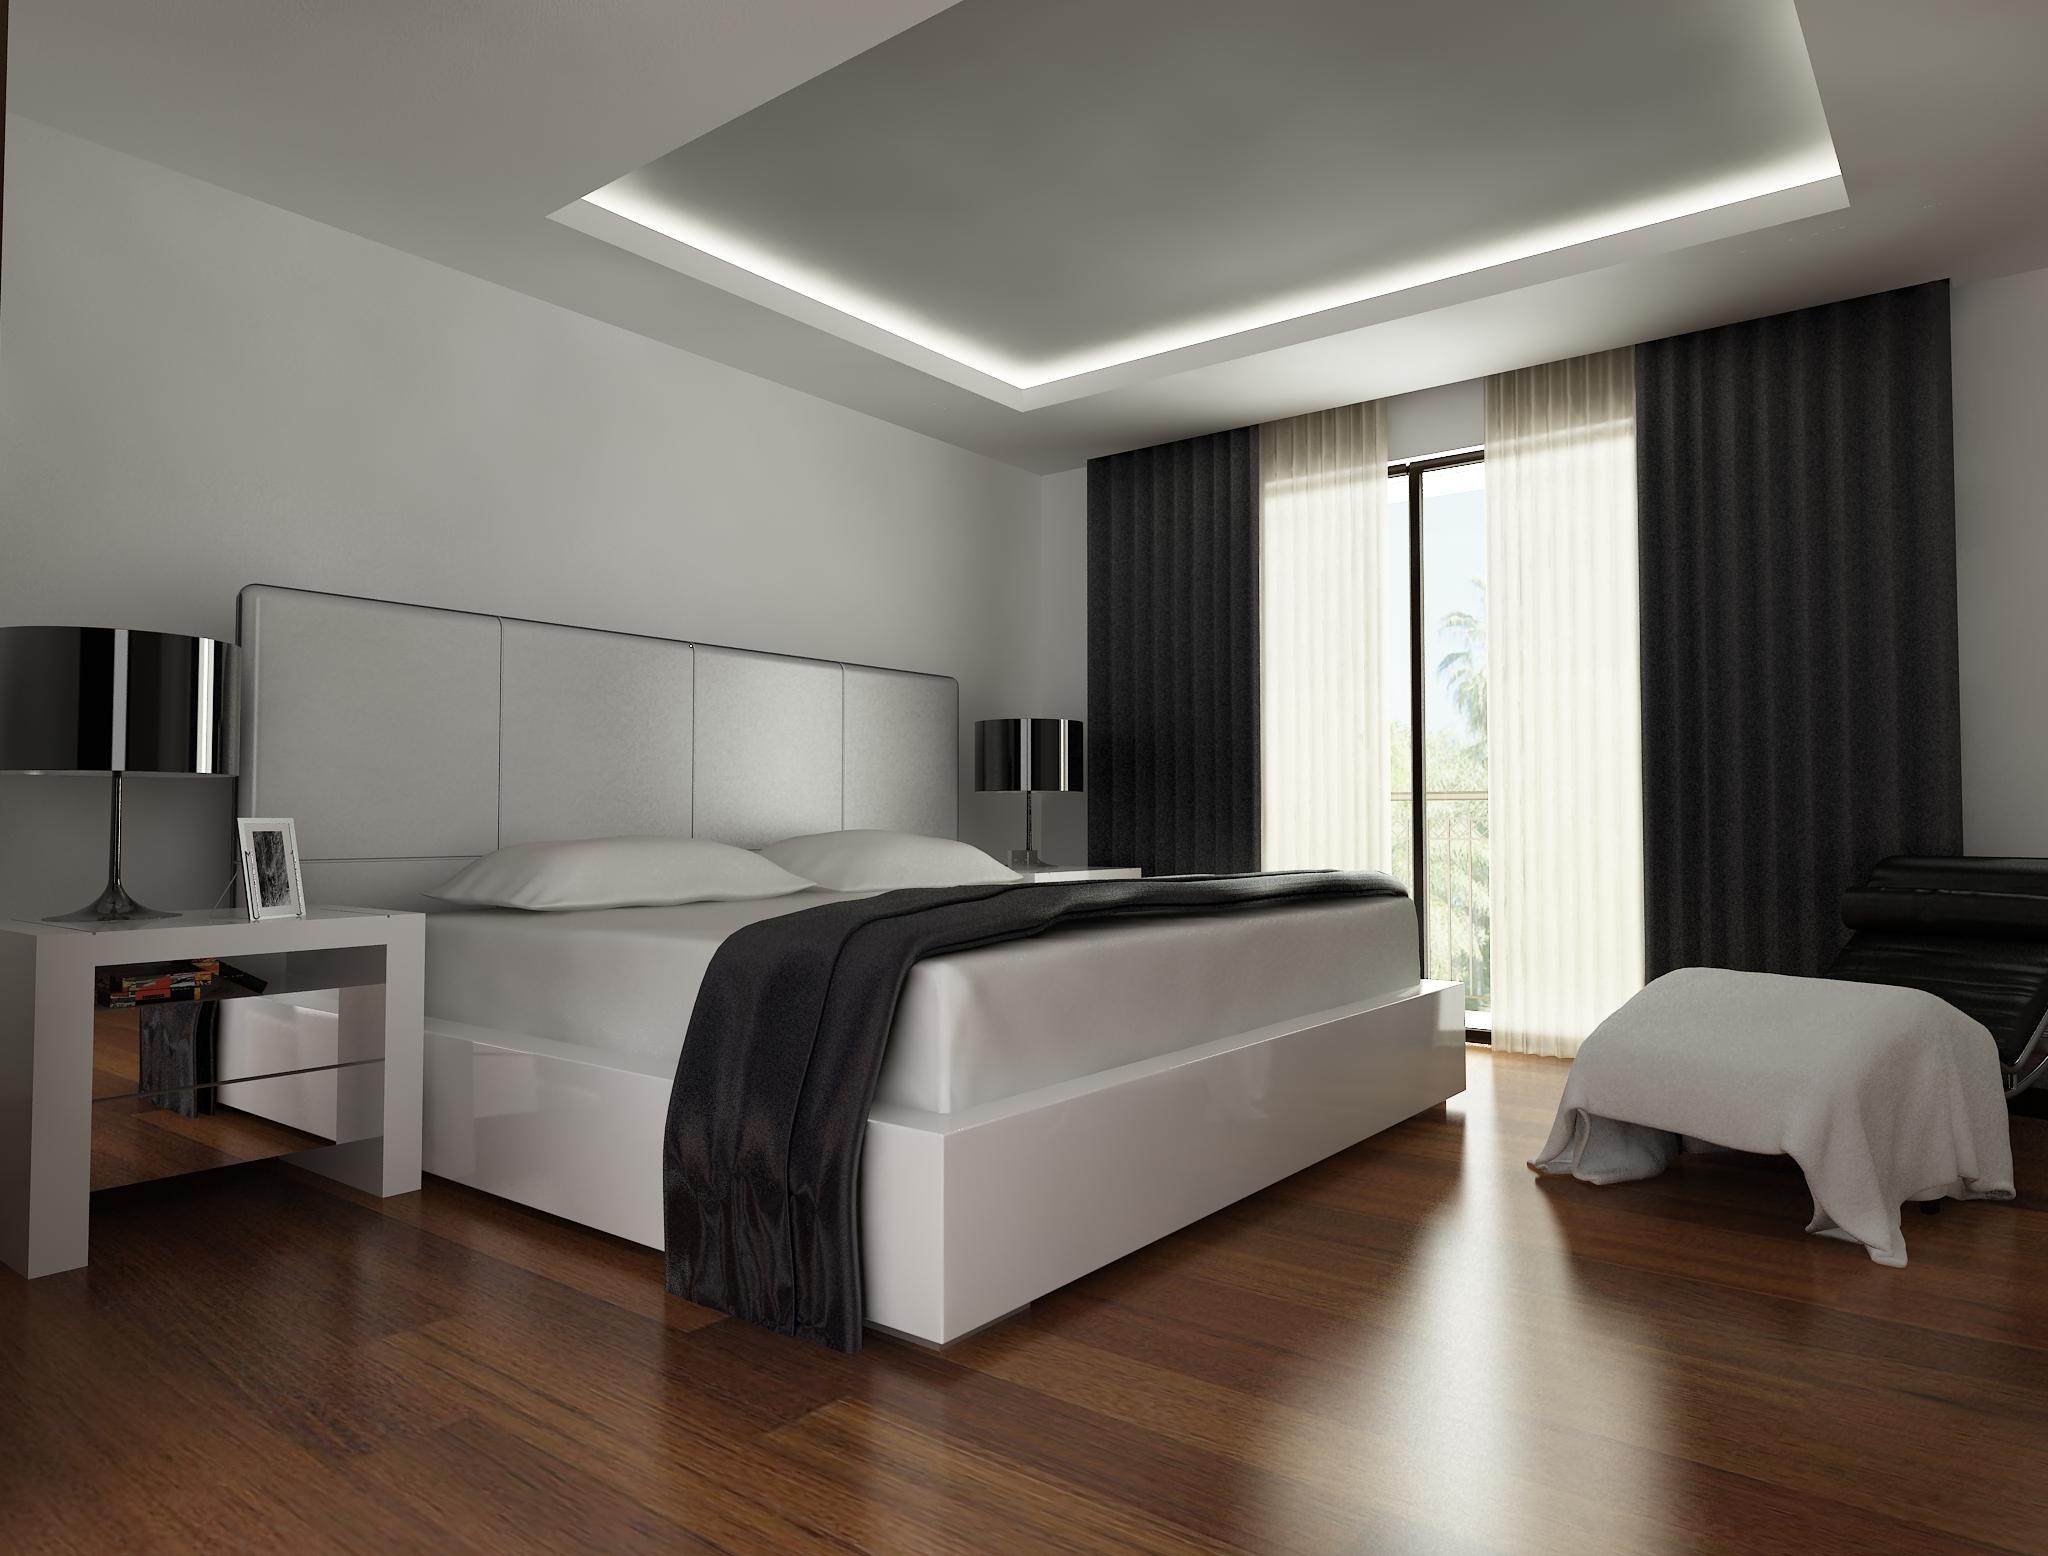 Interior recamara for Decoracion de interiores habitaciones matrimoniales